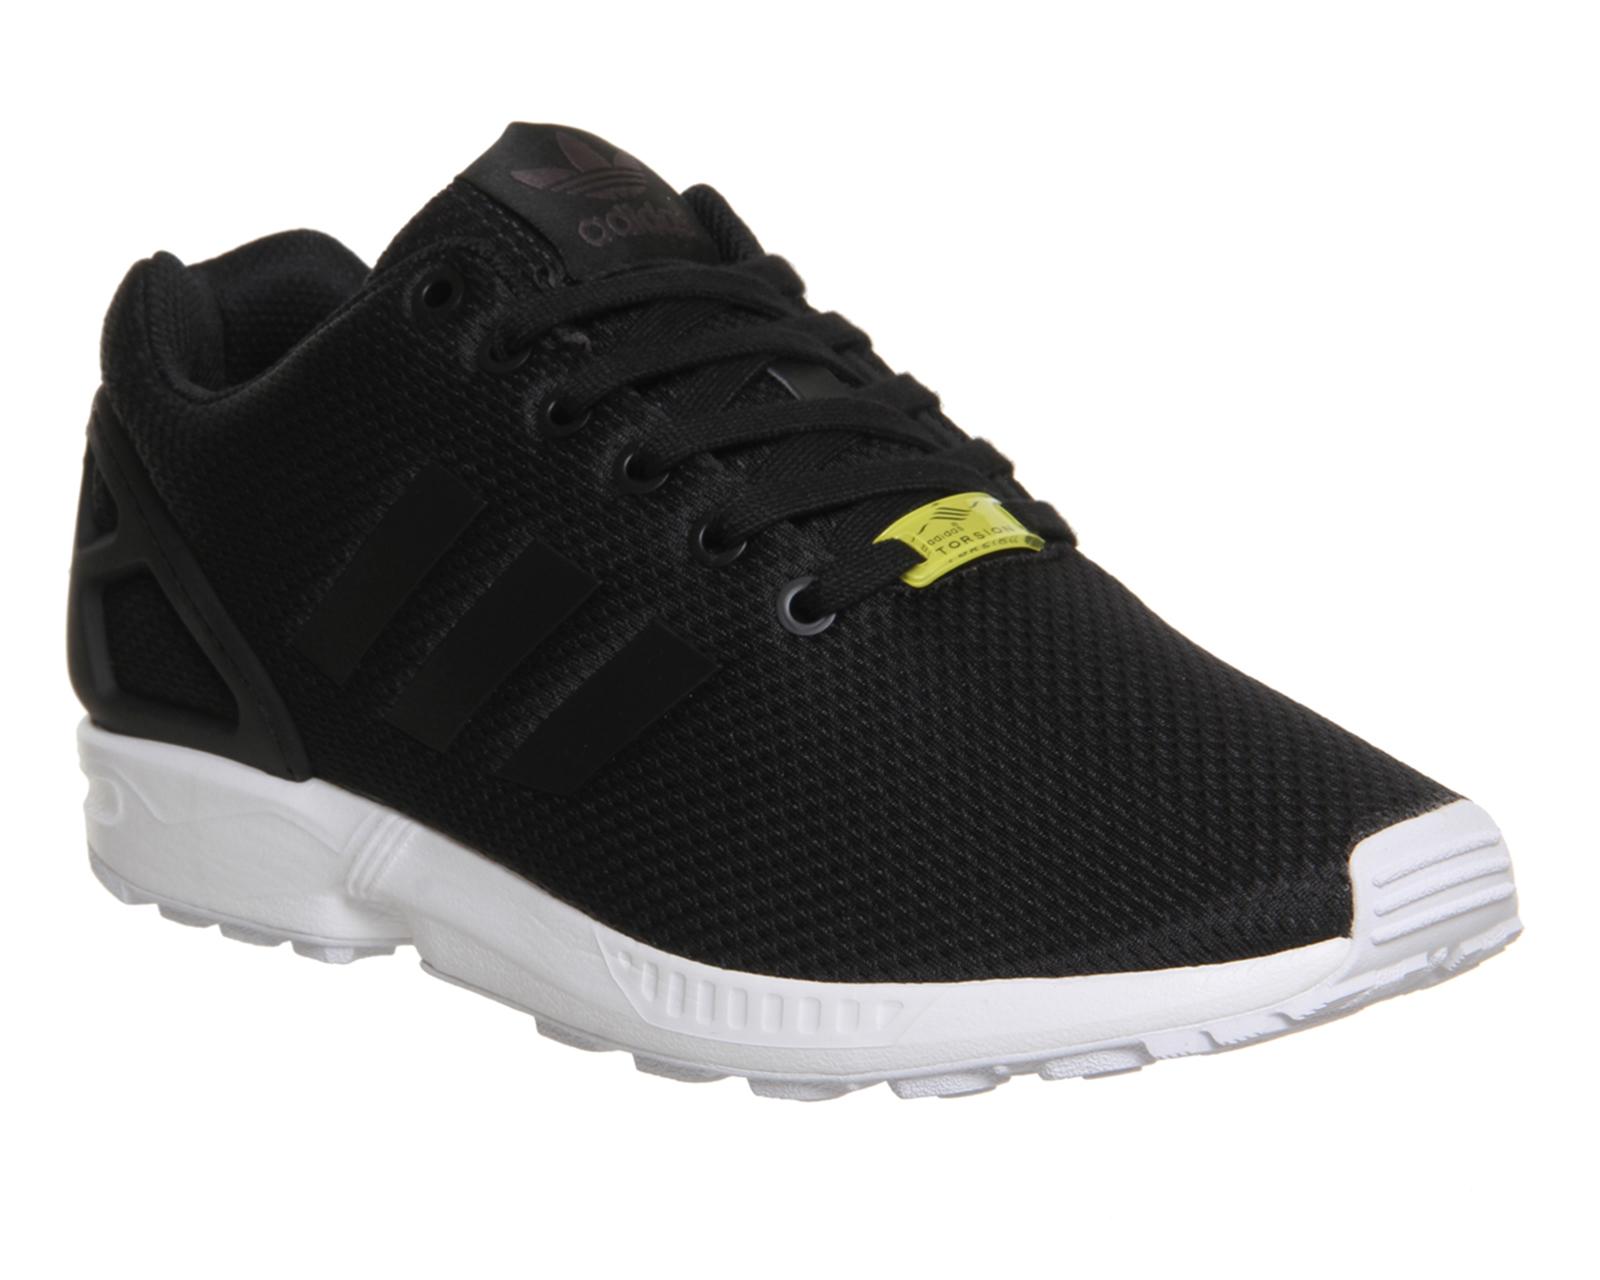 6d8e425d4681 Sentinel Mens Adidas Zx Flux BLACK WHITE Trainers Shoes